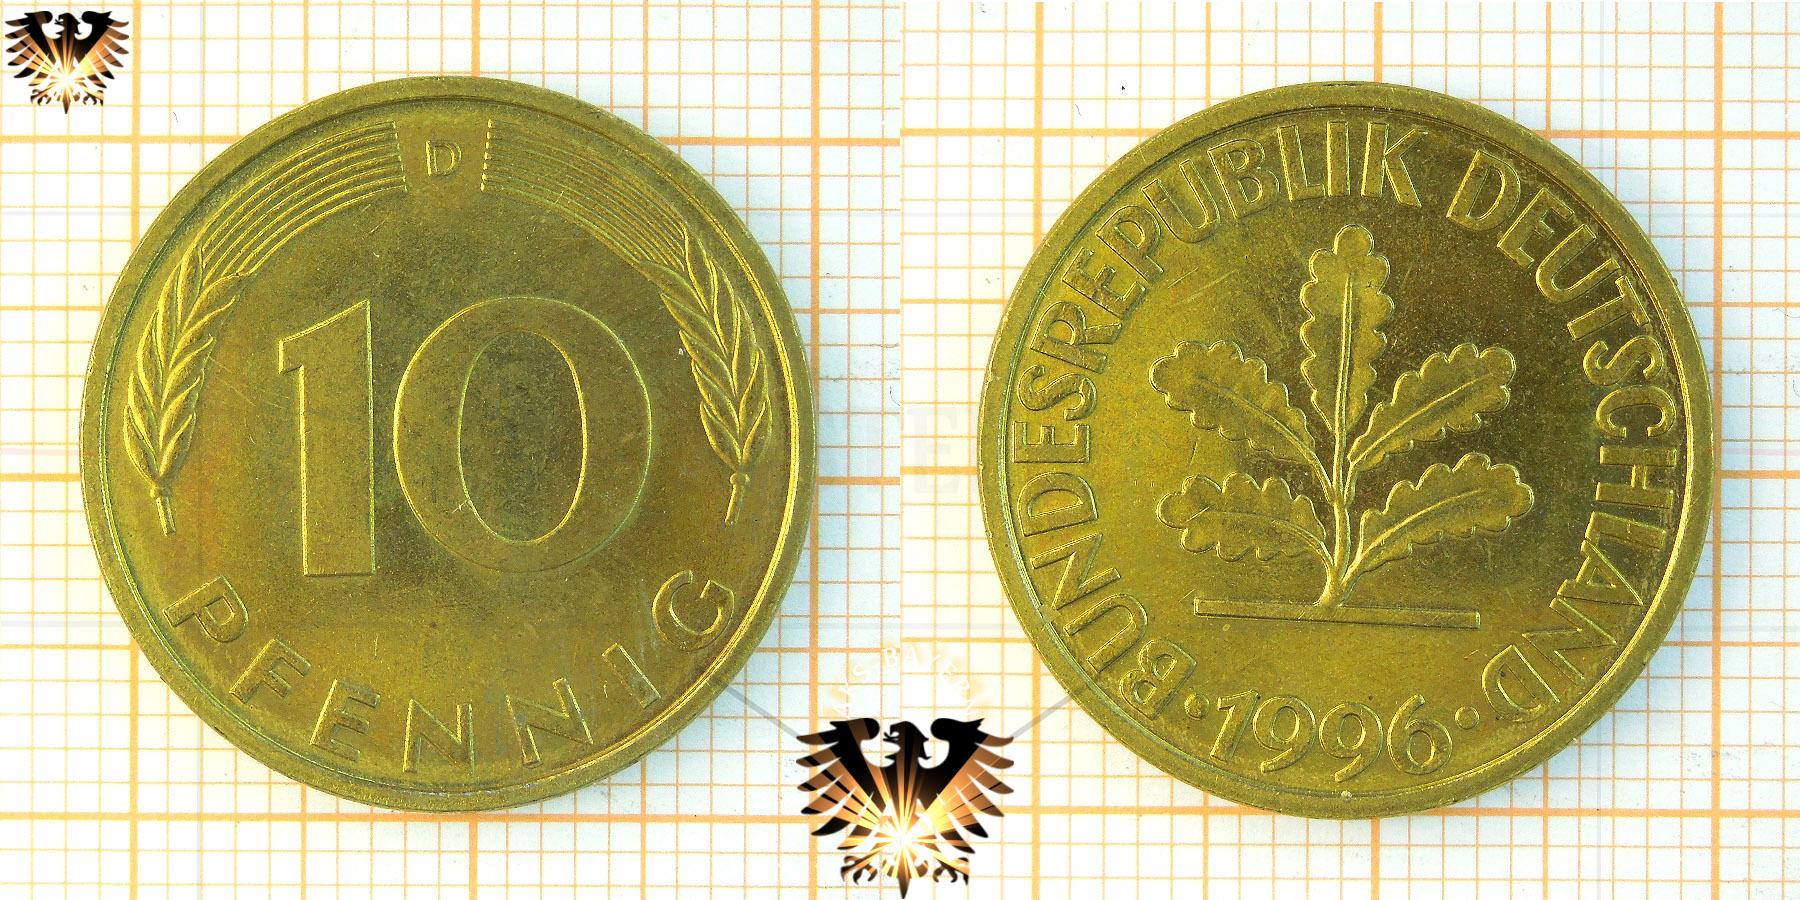 10 Pfennig Brd Nominal Geprägt 1950 Bis 2001